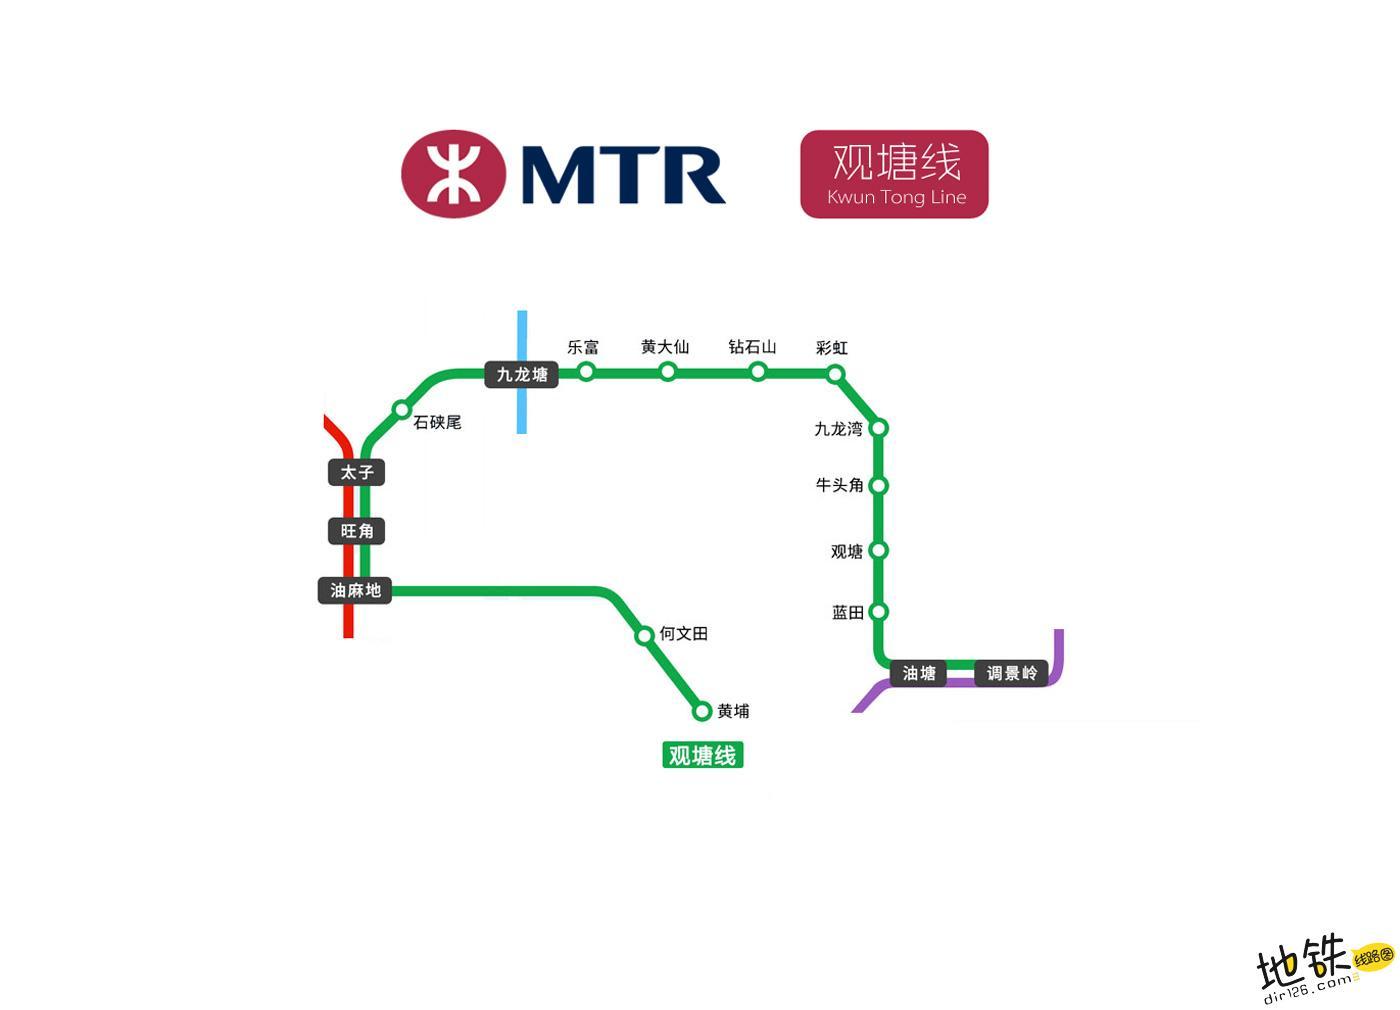 香港地铁观塘线线路图_运营时间票价站点_查询下载 香港地铁线路图 第2张